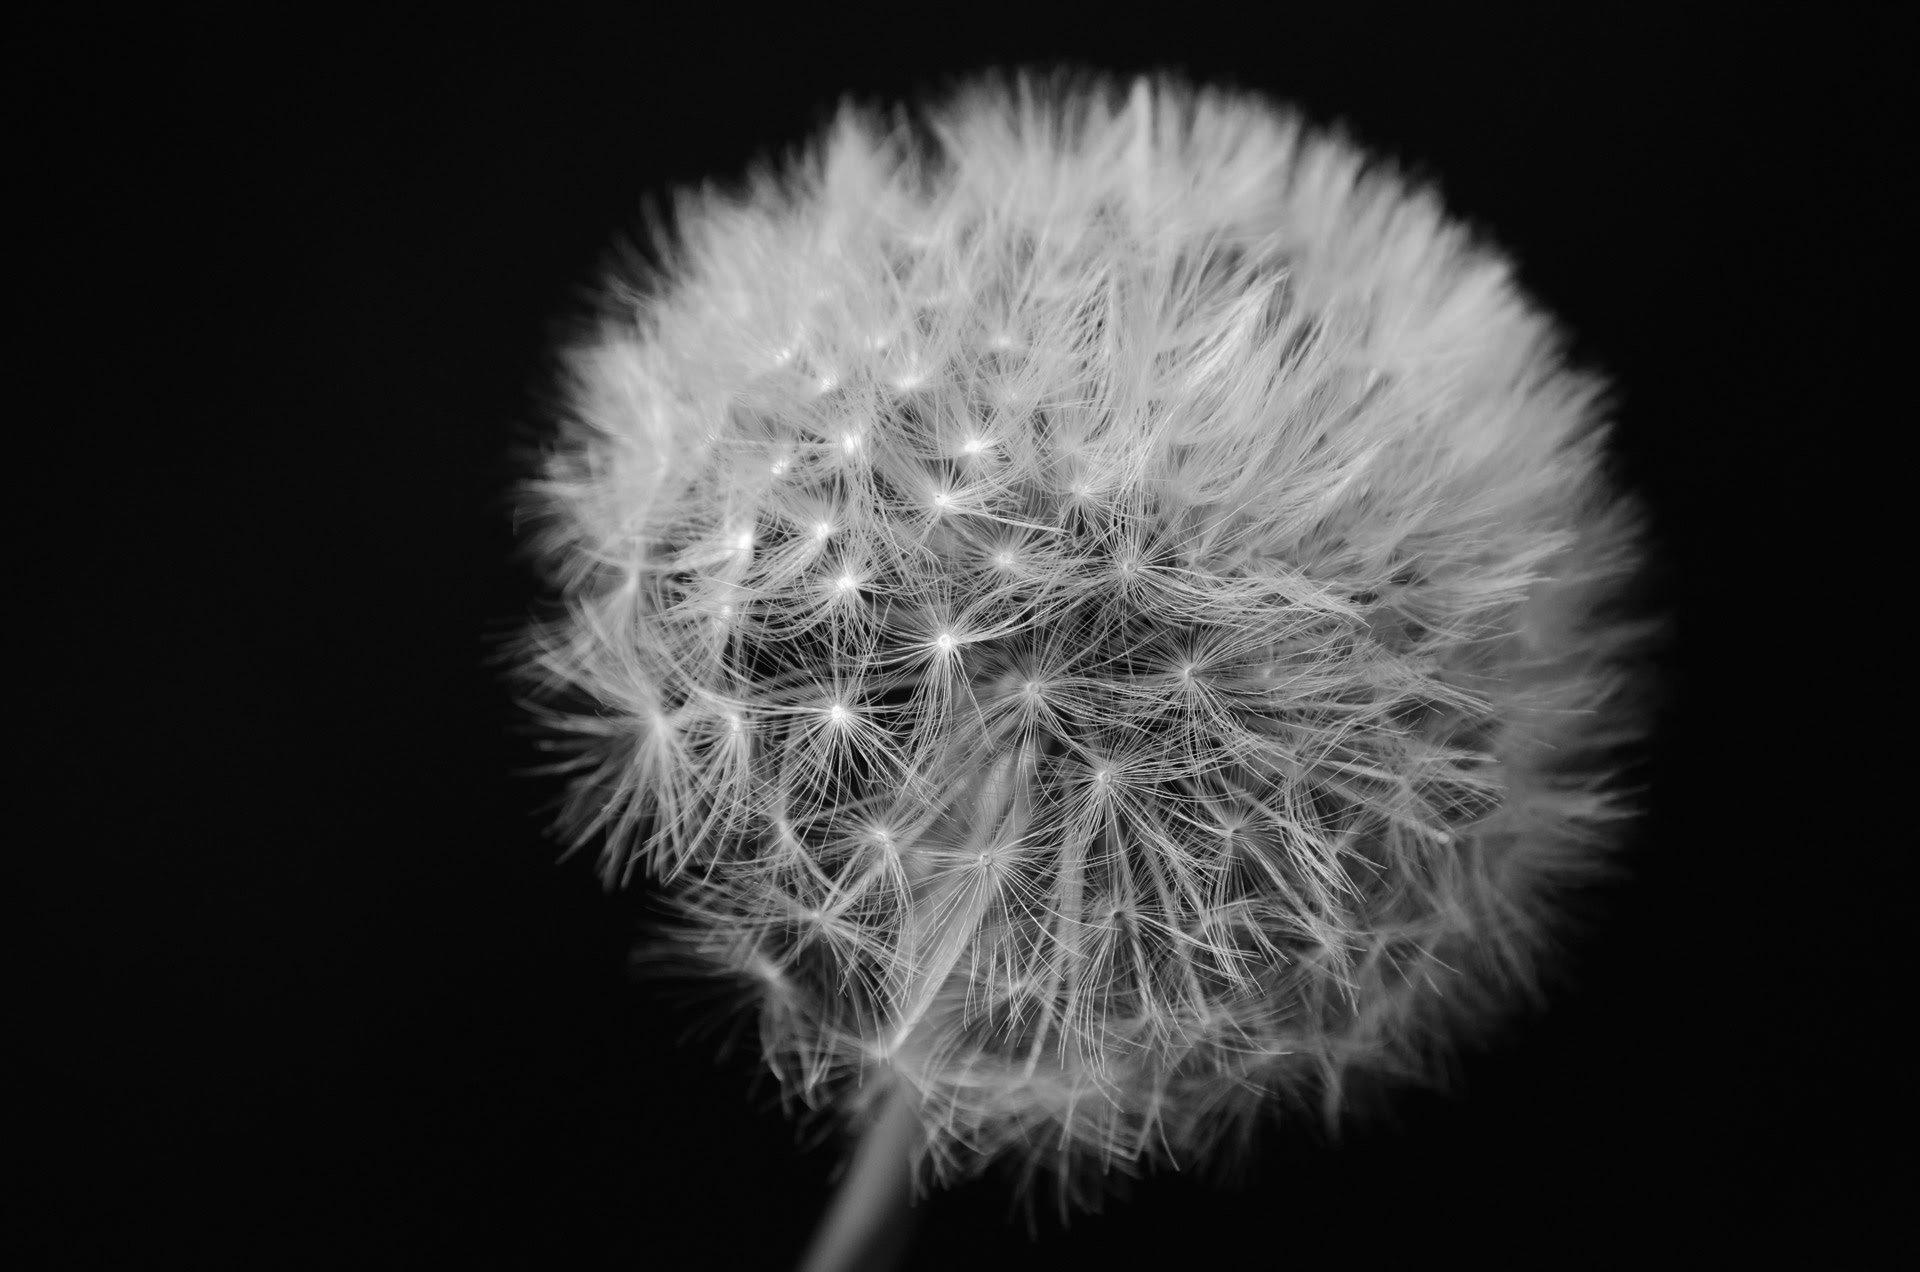 dandelion-on-black-background